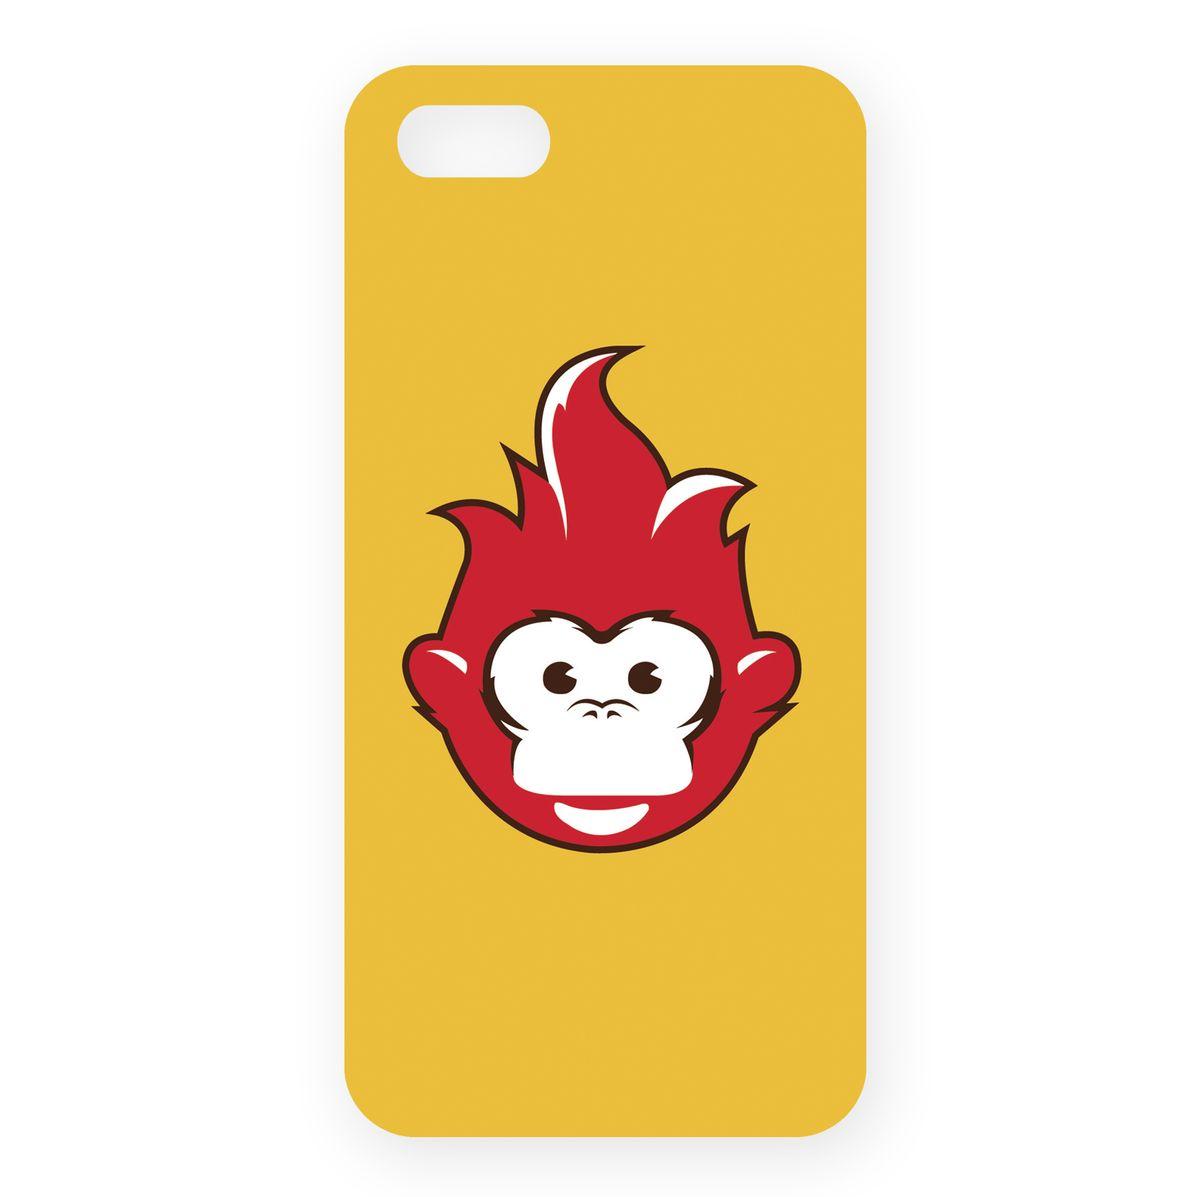 Mitya Veselkov Огненная обезьяна чехол для Apple iPhone 5/5sIP5.МITYA-211Превосходный чехол Mitya Veselkov Огненная обезьяна создан для любителей заметных аксессуаров. Накладка придаст вашему телефону индивидуальность и послужит прекрасной защитой от ударов и царапин. Чехол также обеспечивает свободный доступ ко всем разъемам и клавишам устройства.